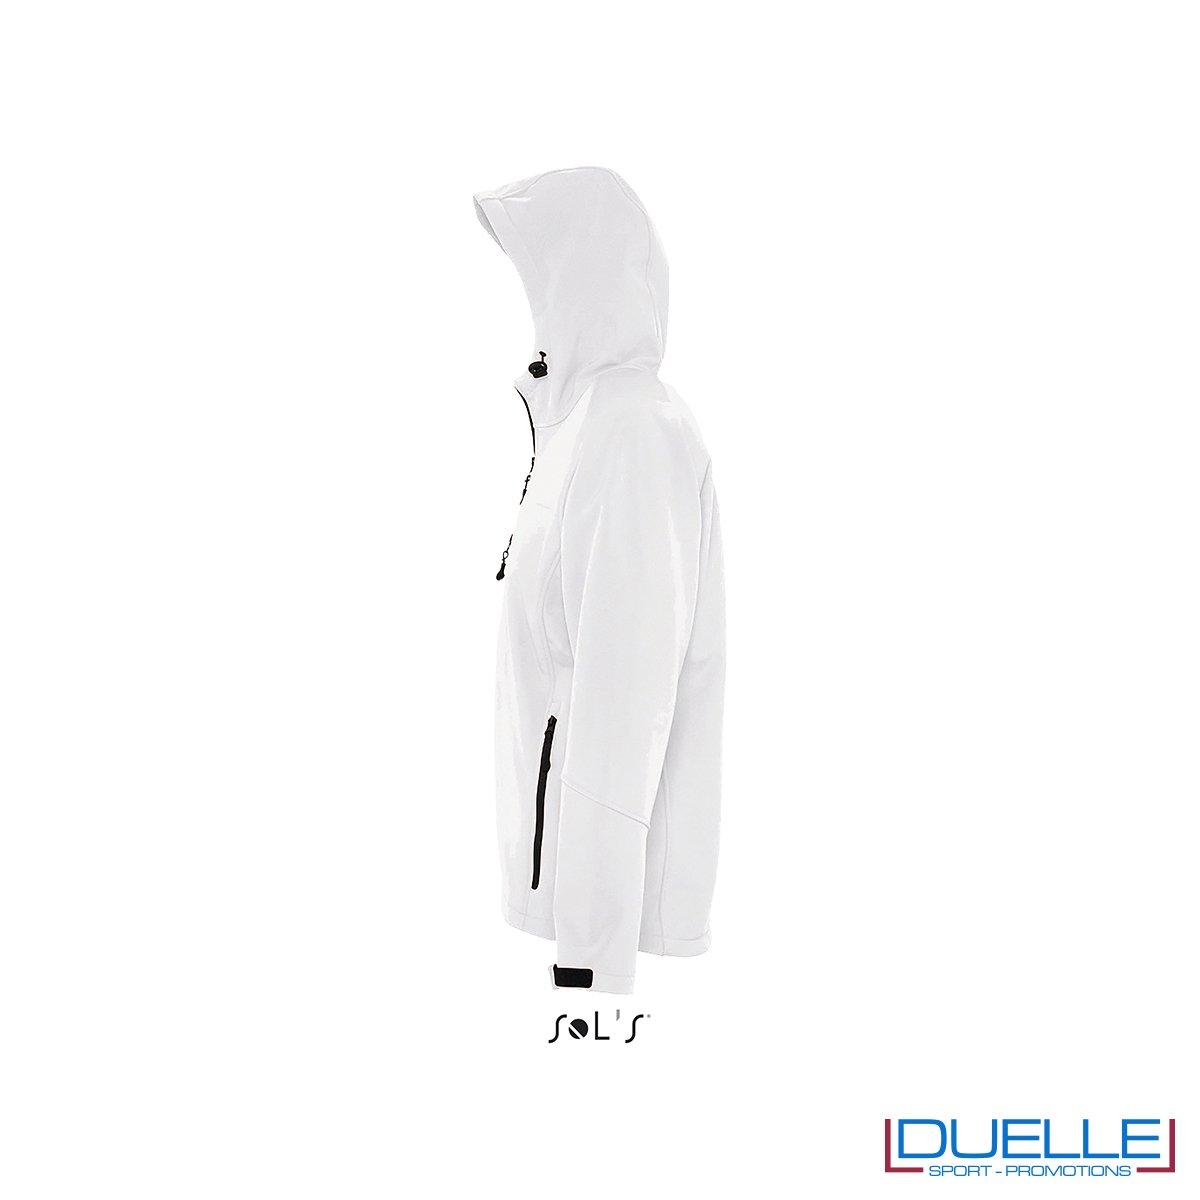 foto laterale di giacca softshell personalizzata in colore bianco, foto laterale di giubbotti softshell personalizzati